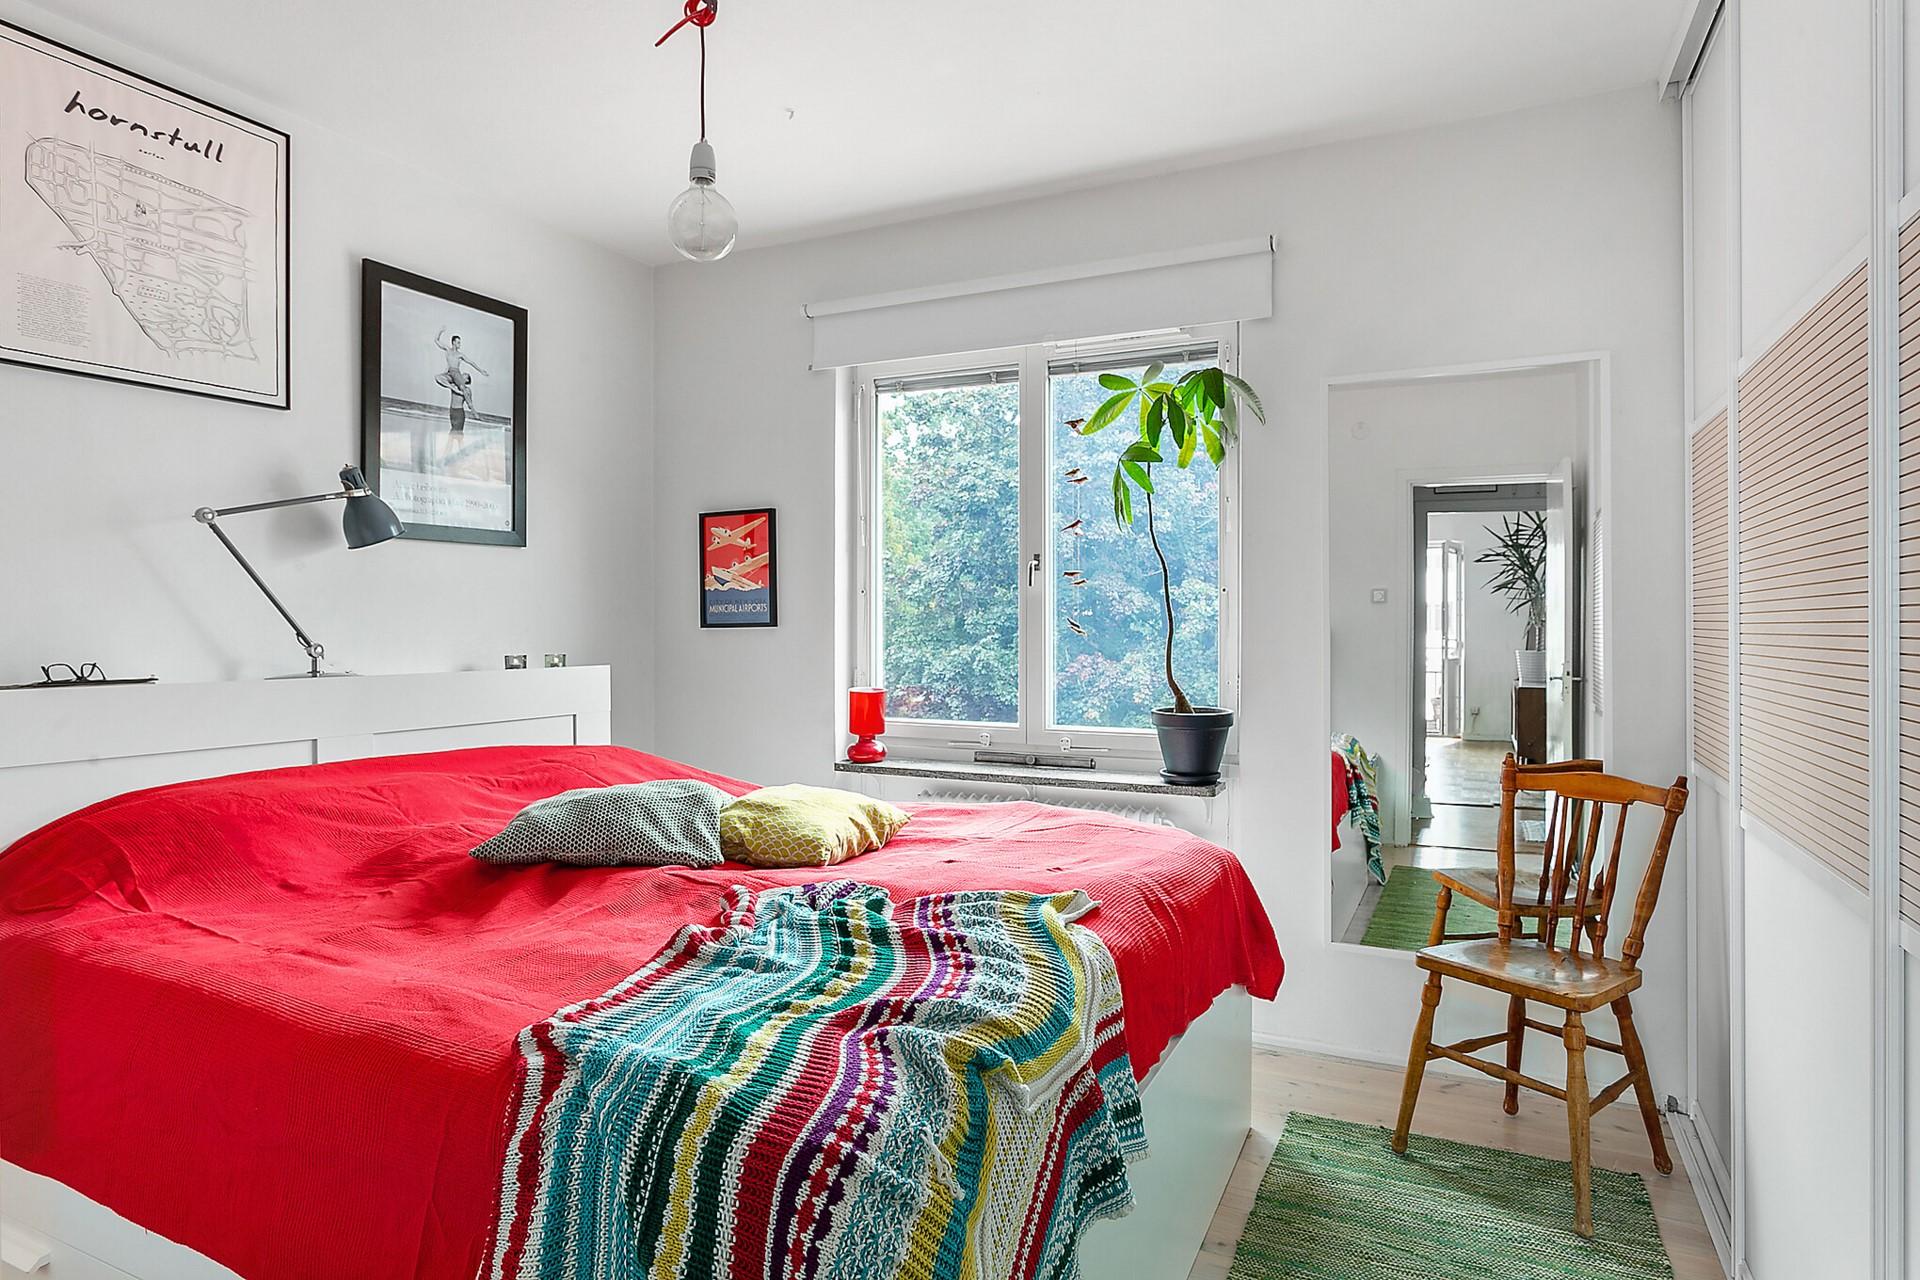 Fågeltorget 169, 2tr - Rymligt och insynsskyddat sovrum med mycket förvaring